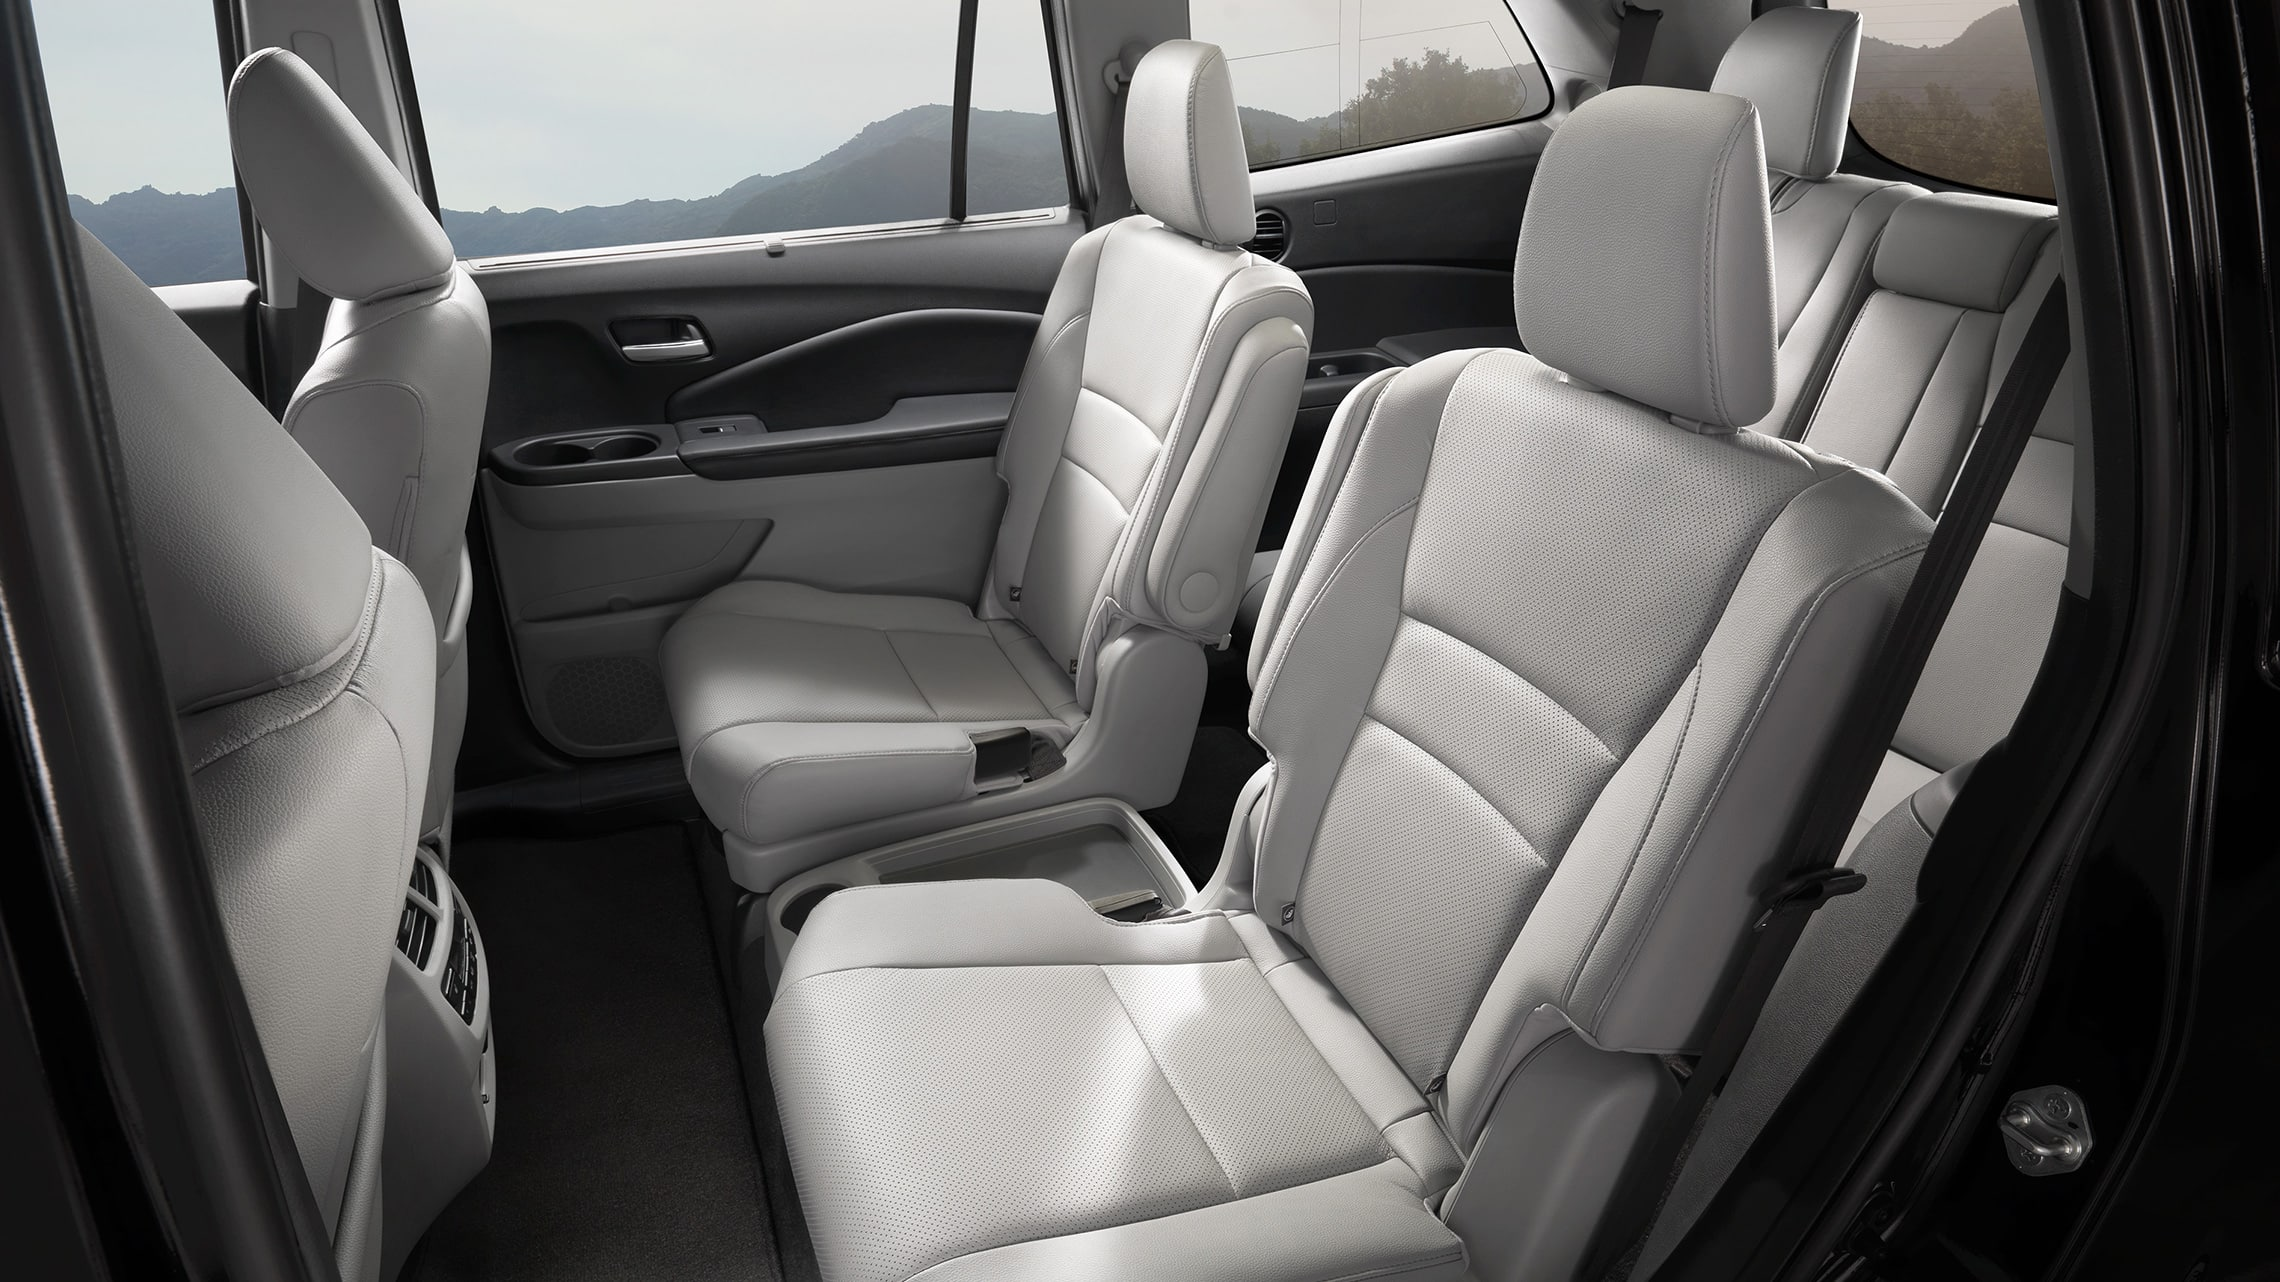 Detalle de los asientos tipo capitán en la segunda fila de la Honda PilotElite2020 con Gray Leather.